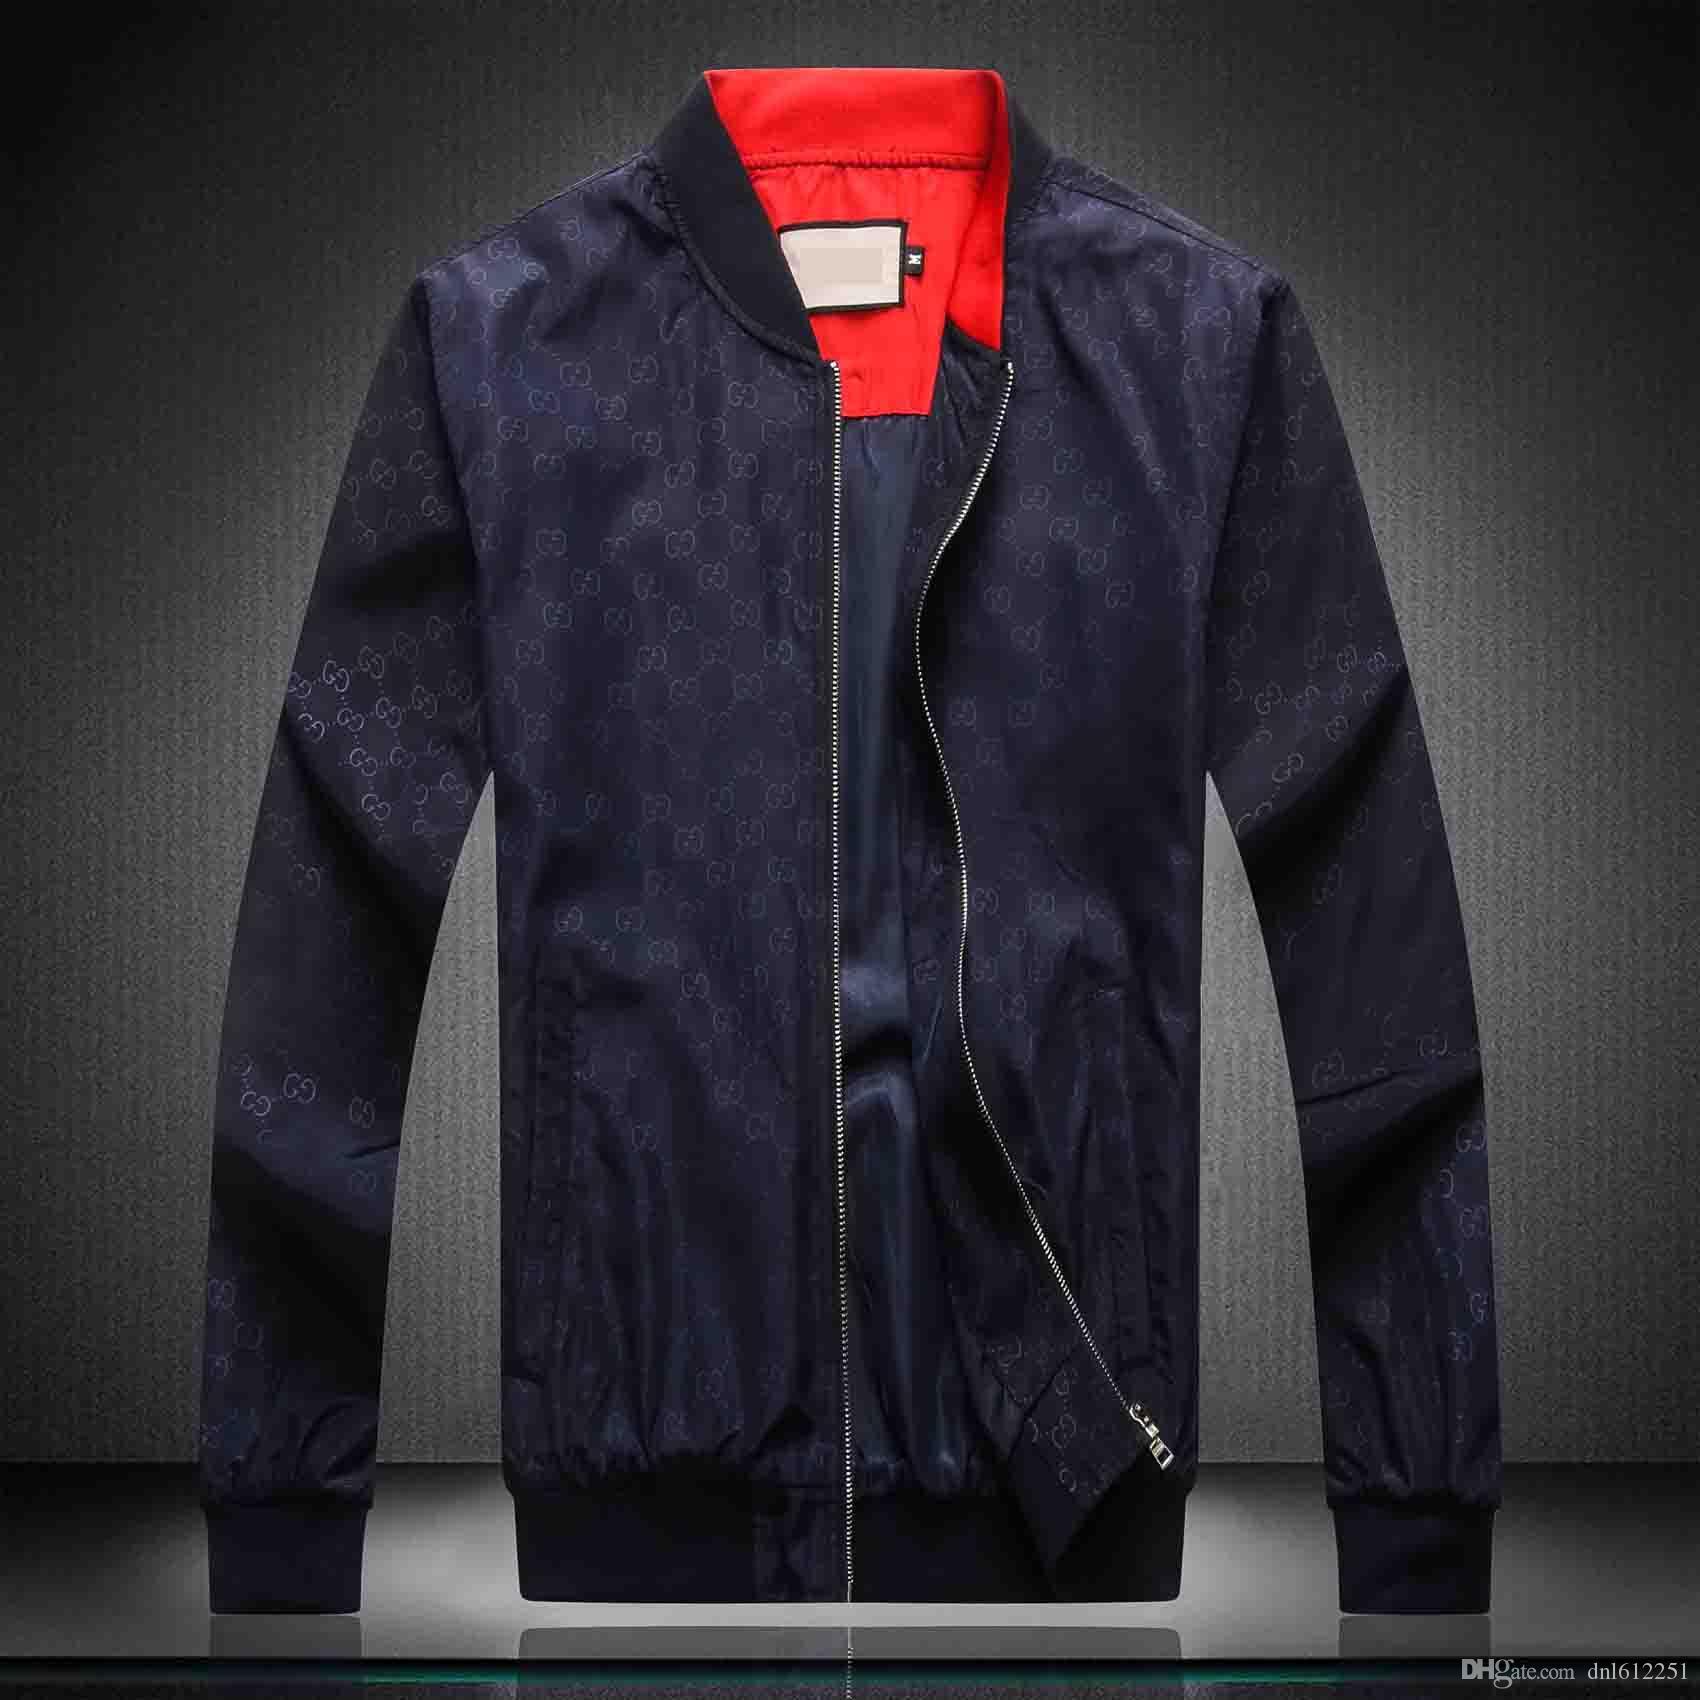 Yeni Moda Marka Ceket Erkekler Kış Sonbahar Slim Fit Erkek Tasarımcı Giyim Kırmızı Erkekler Rasgele Ceket İnce Artı